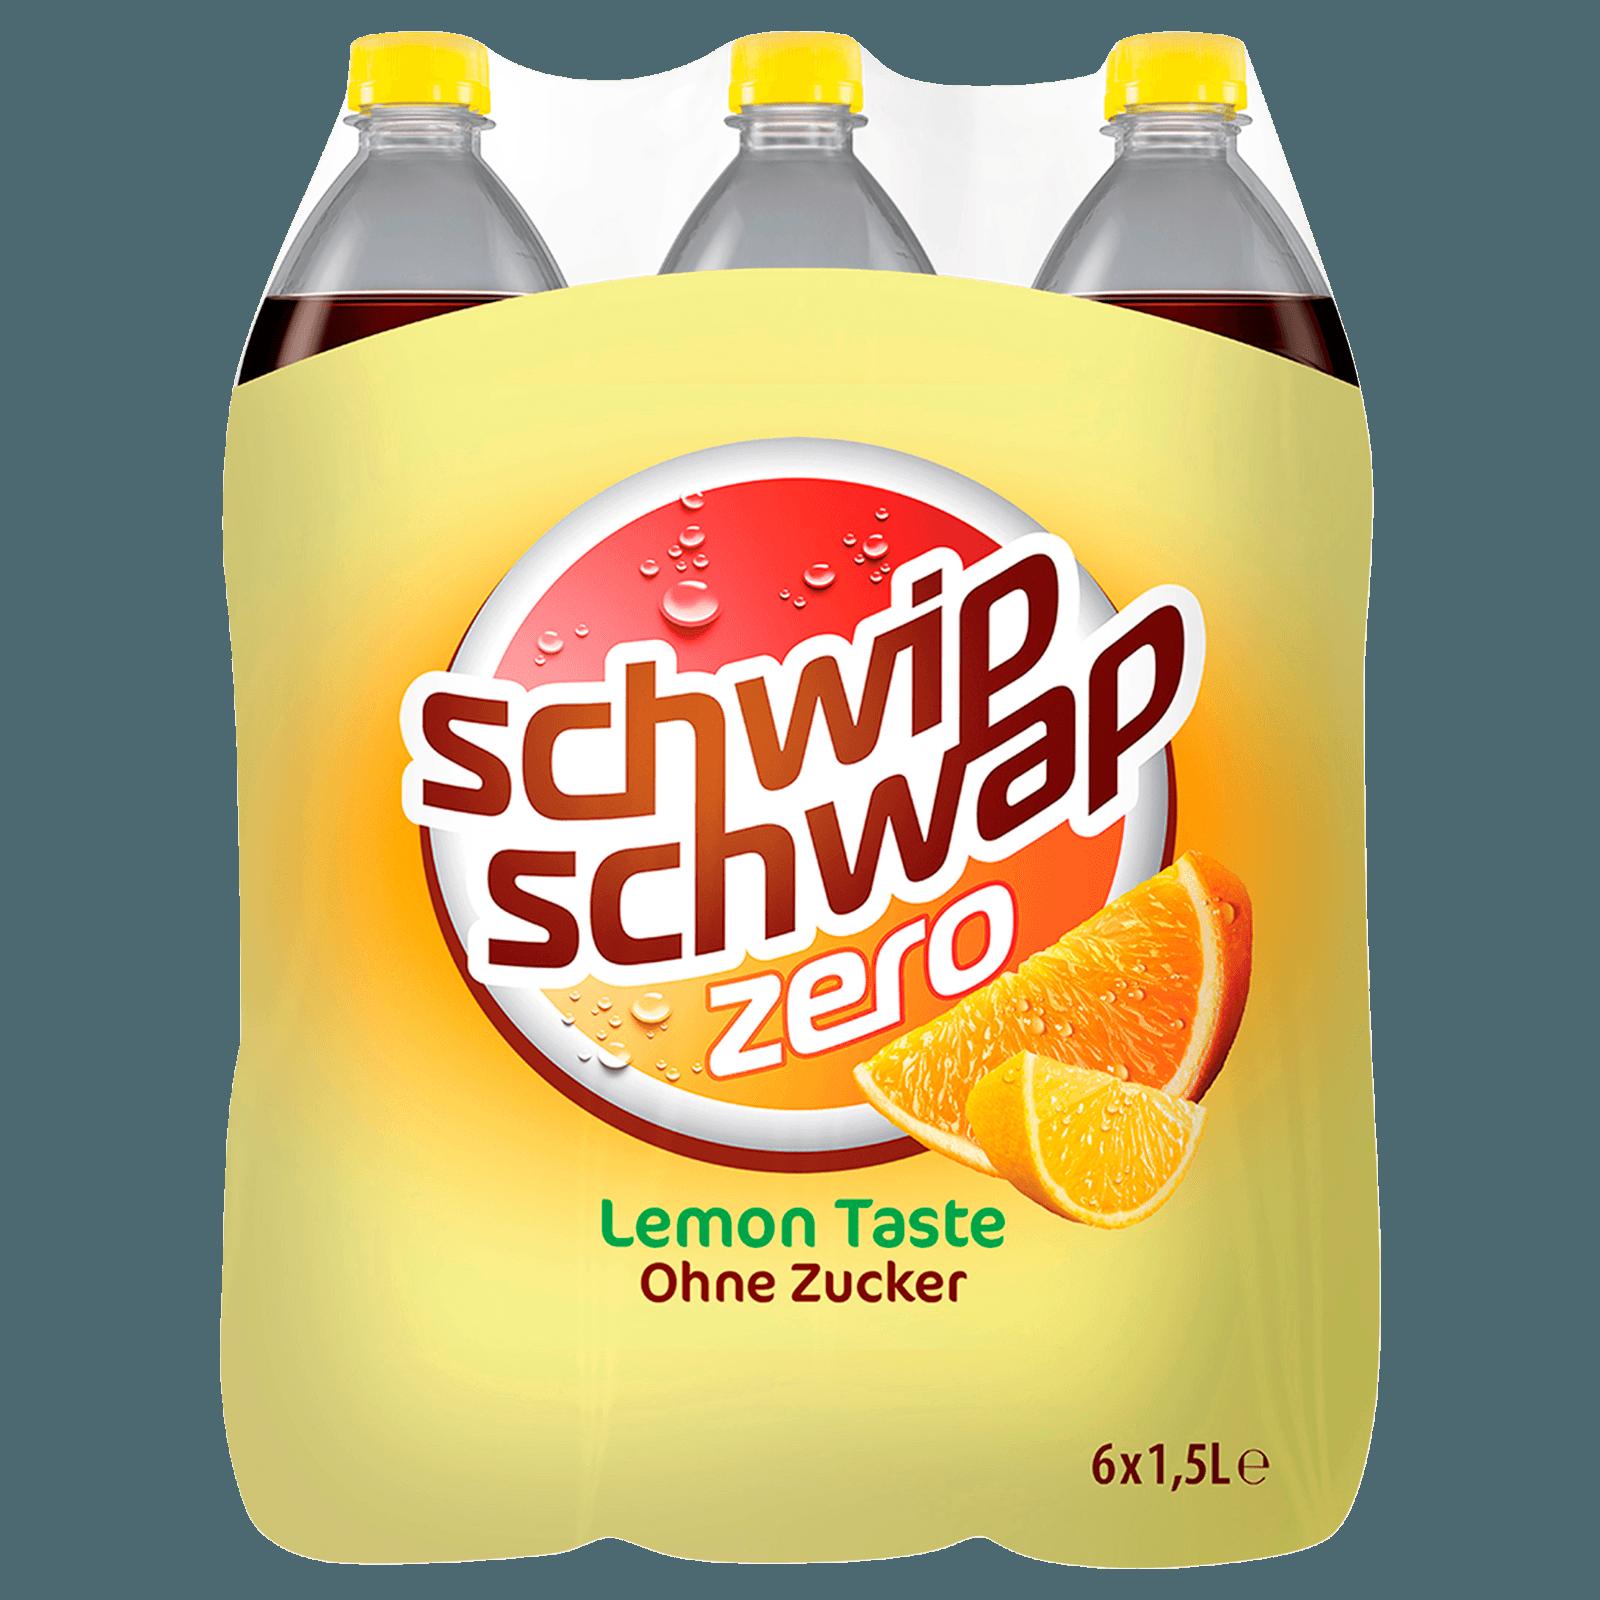 Schwip Schwap Colamix Lemon ohne Zucker 6x1,5l